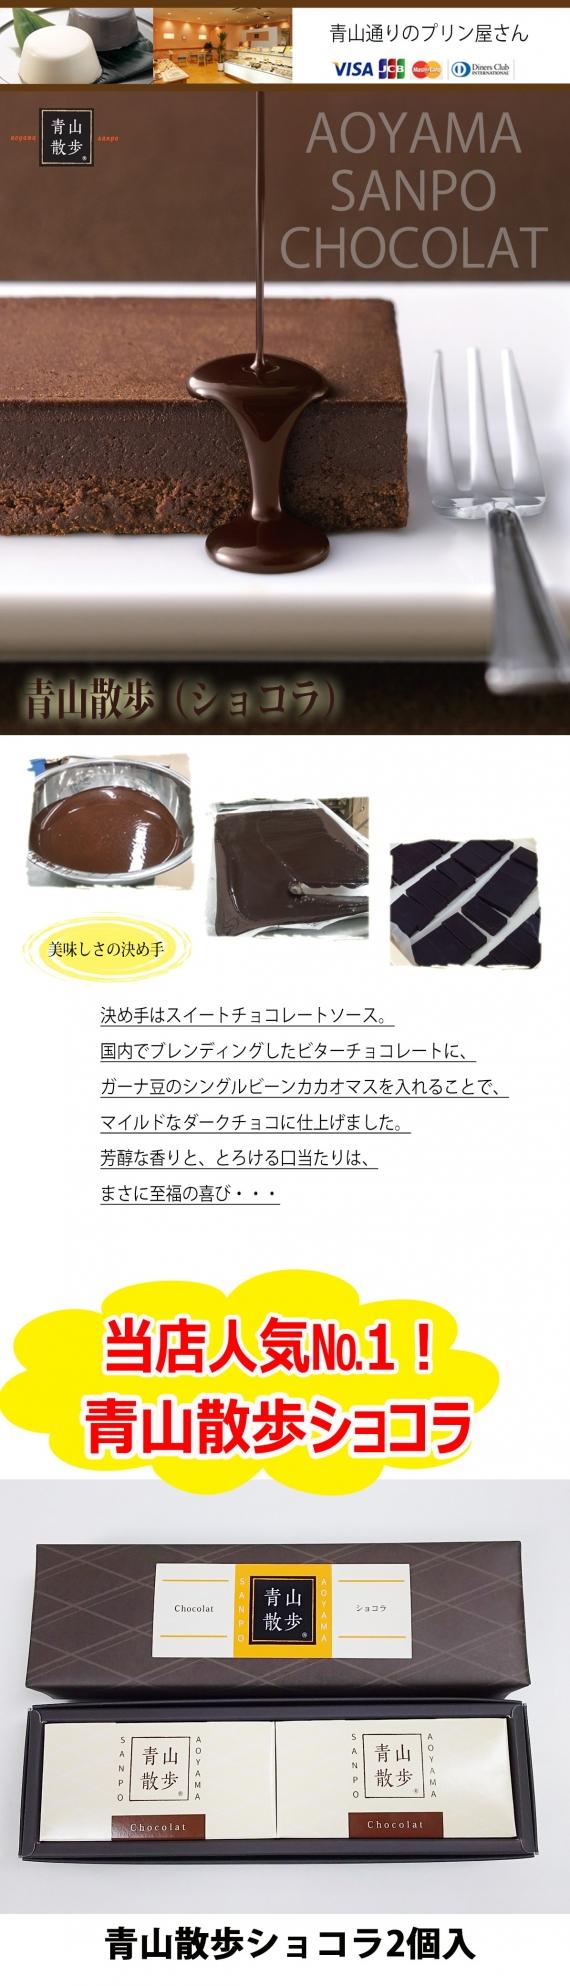 ☆当店人気NO.1☆濃厚チョコレートケーキ 青山散歩(ショコラ)2個入